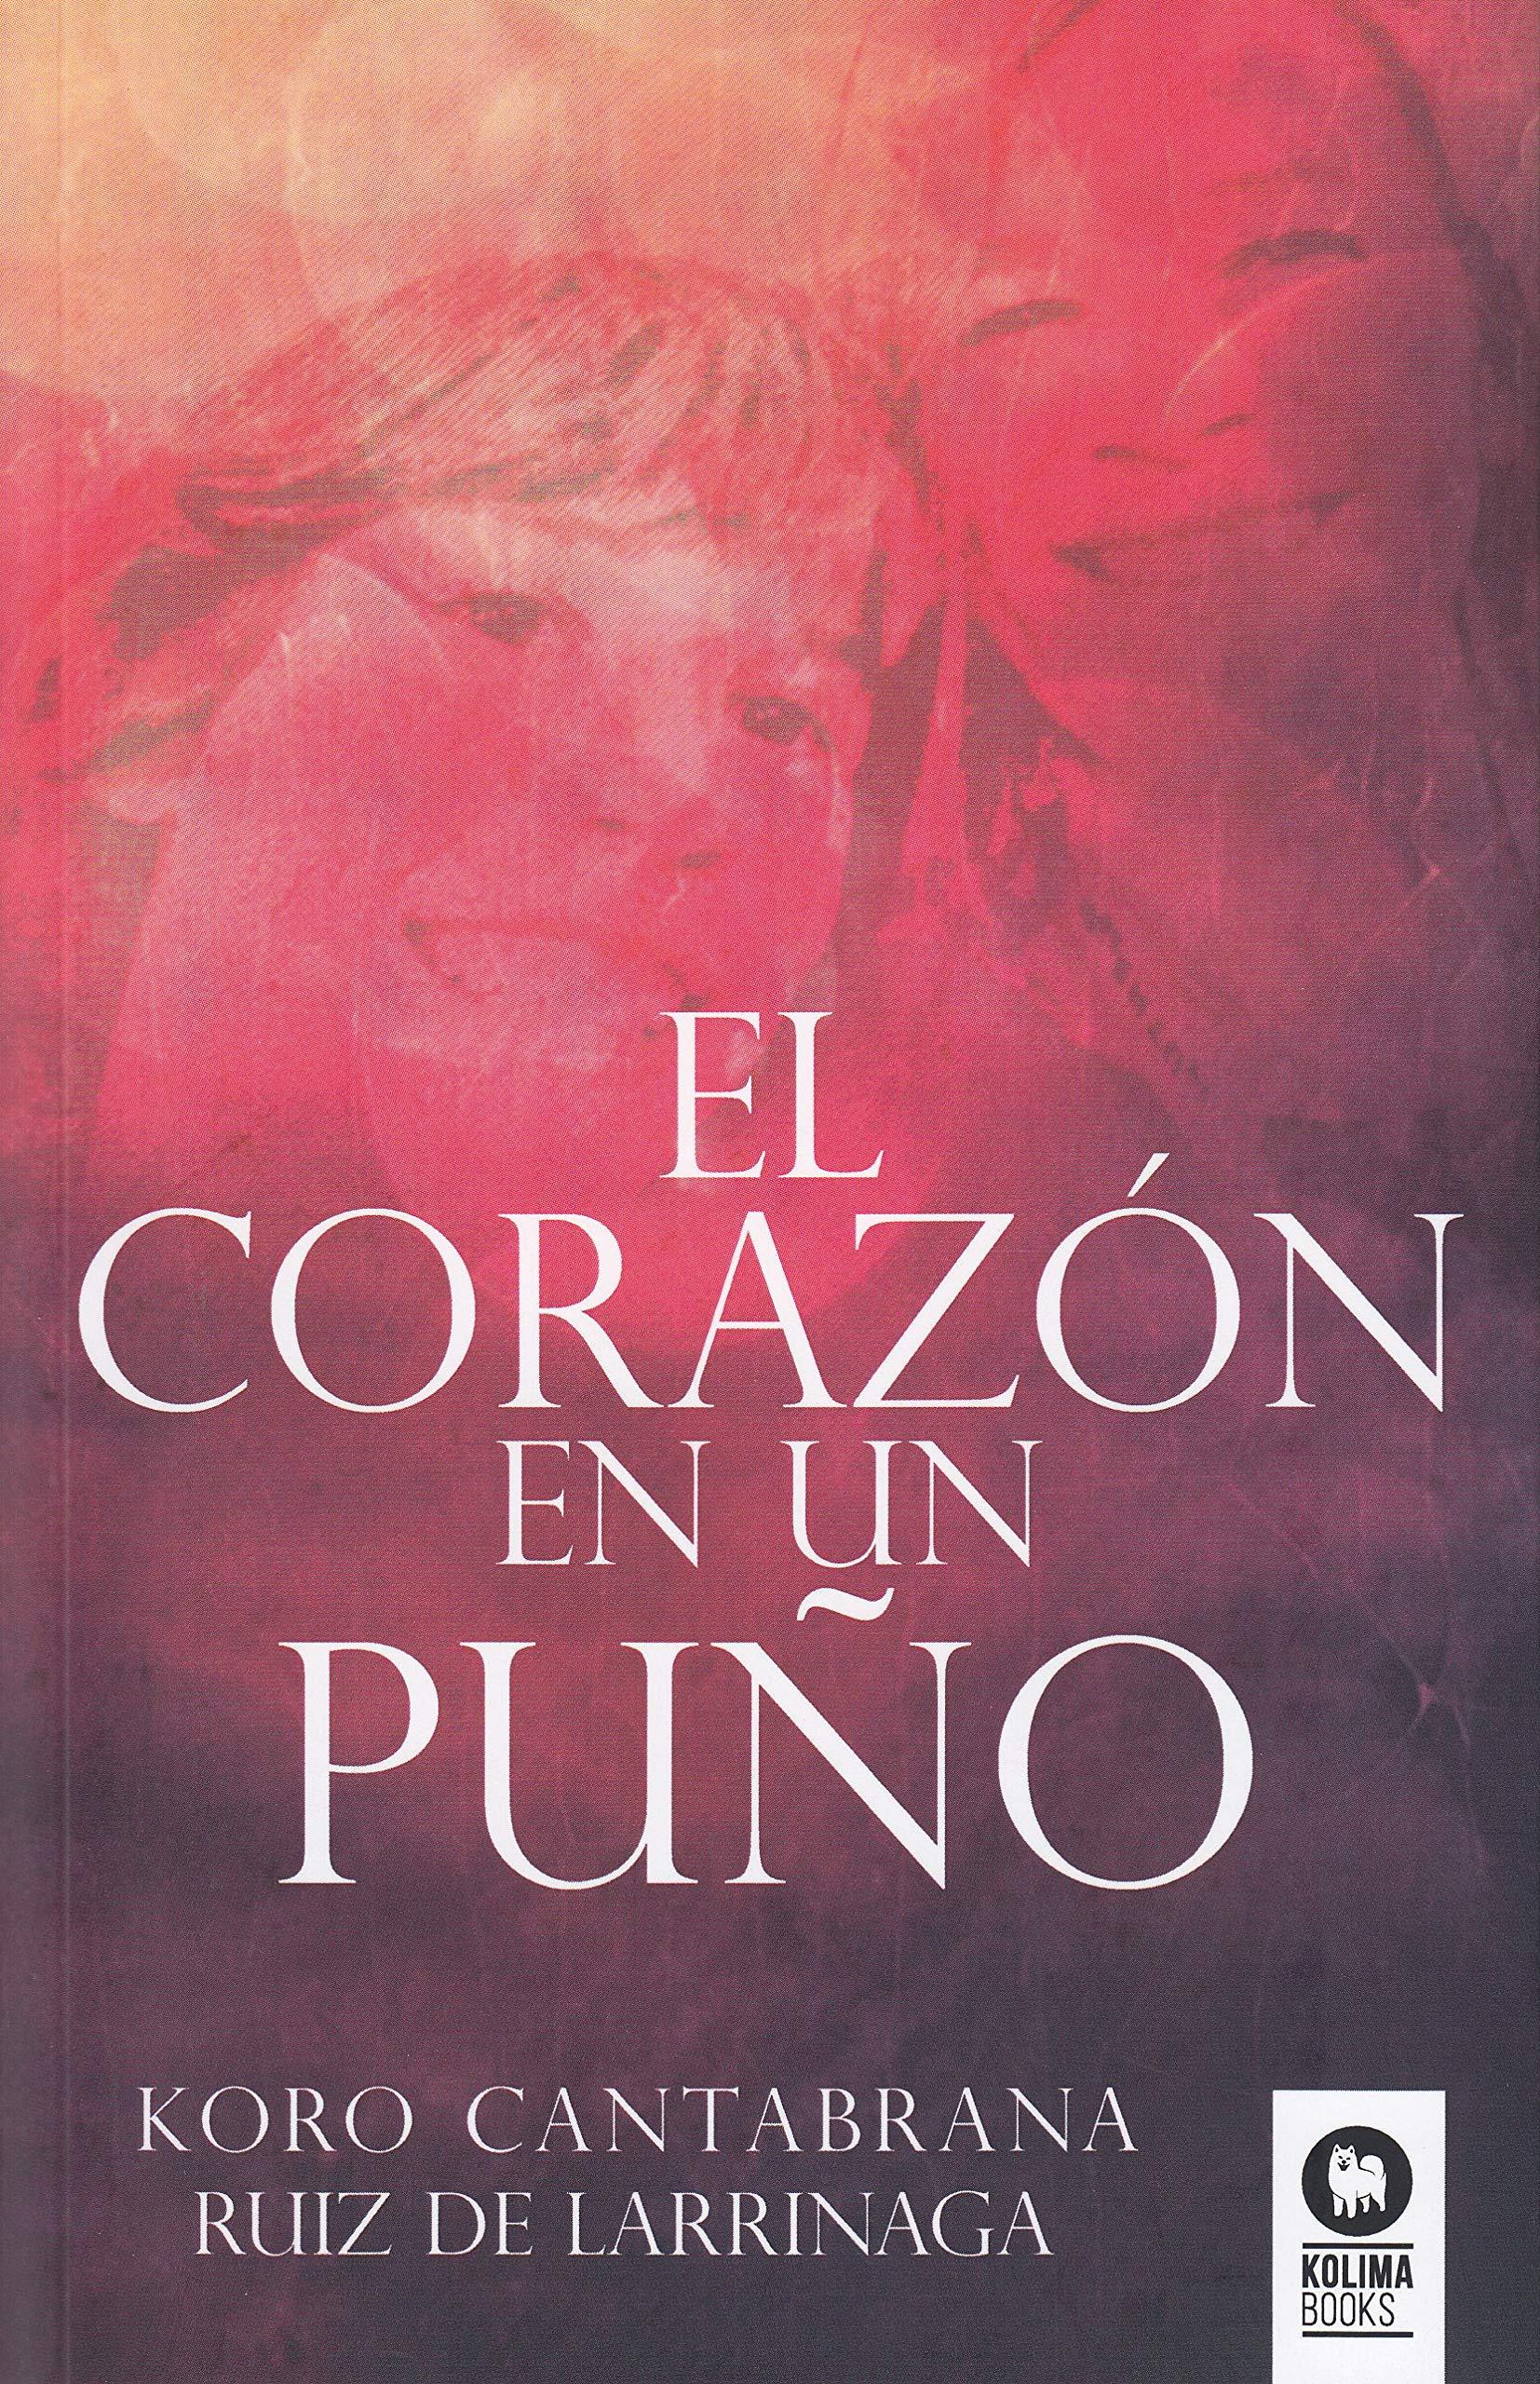 El corazón en un puño (Crecimiento personal): Amazon.es: Koro Cantabrana Ruiz de Larrínaga: Libros